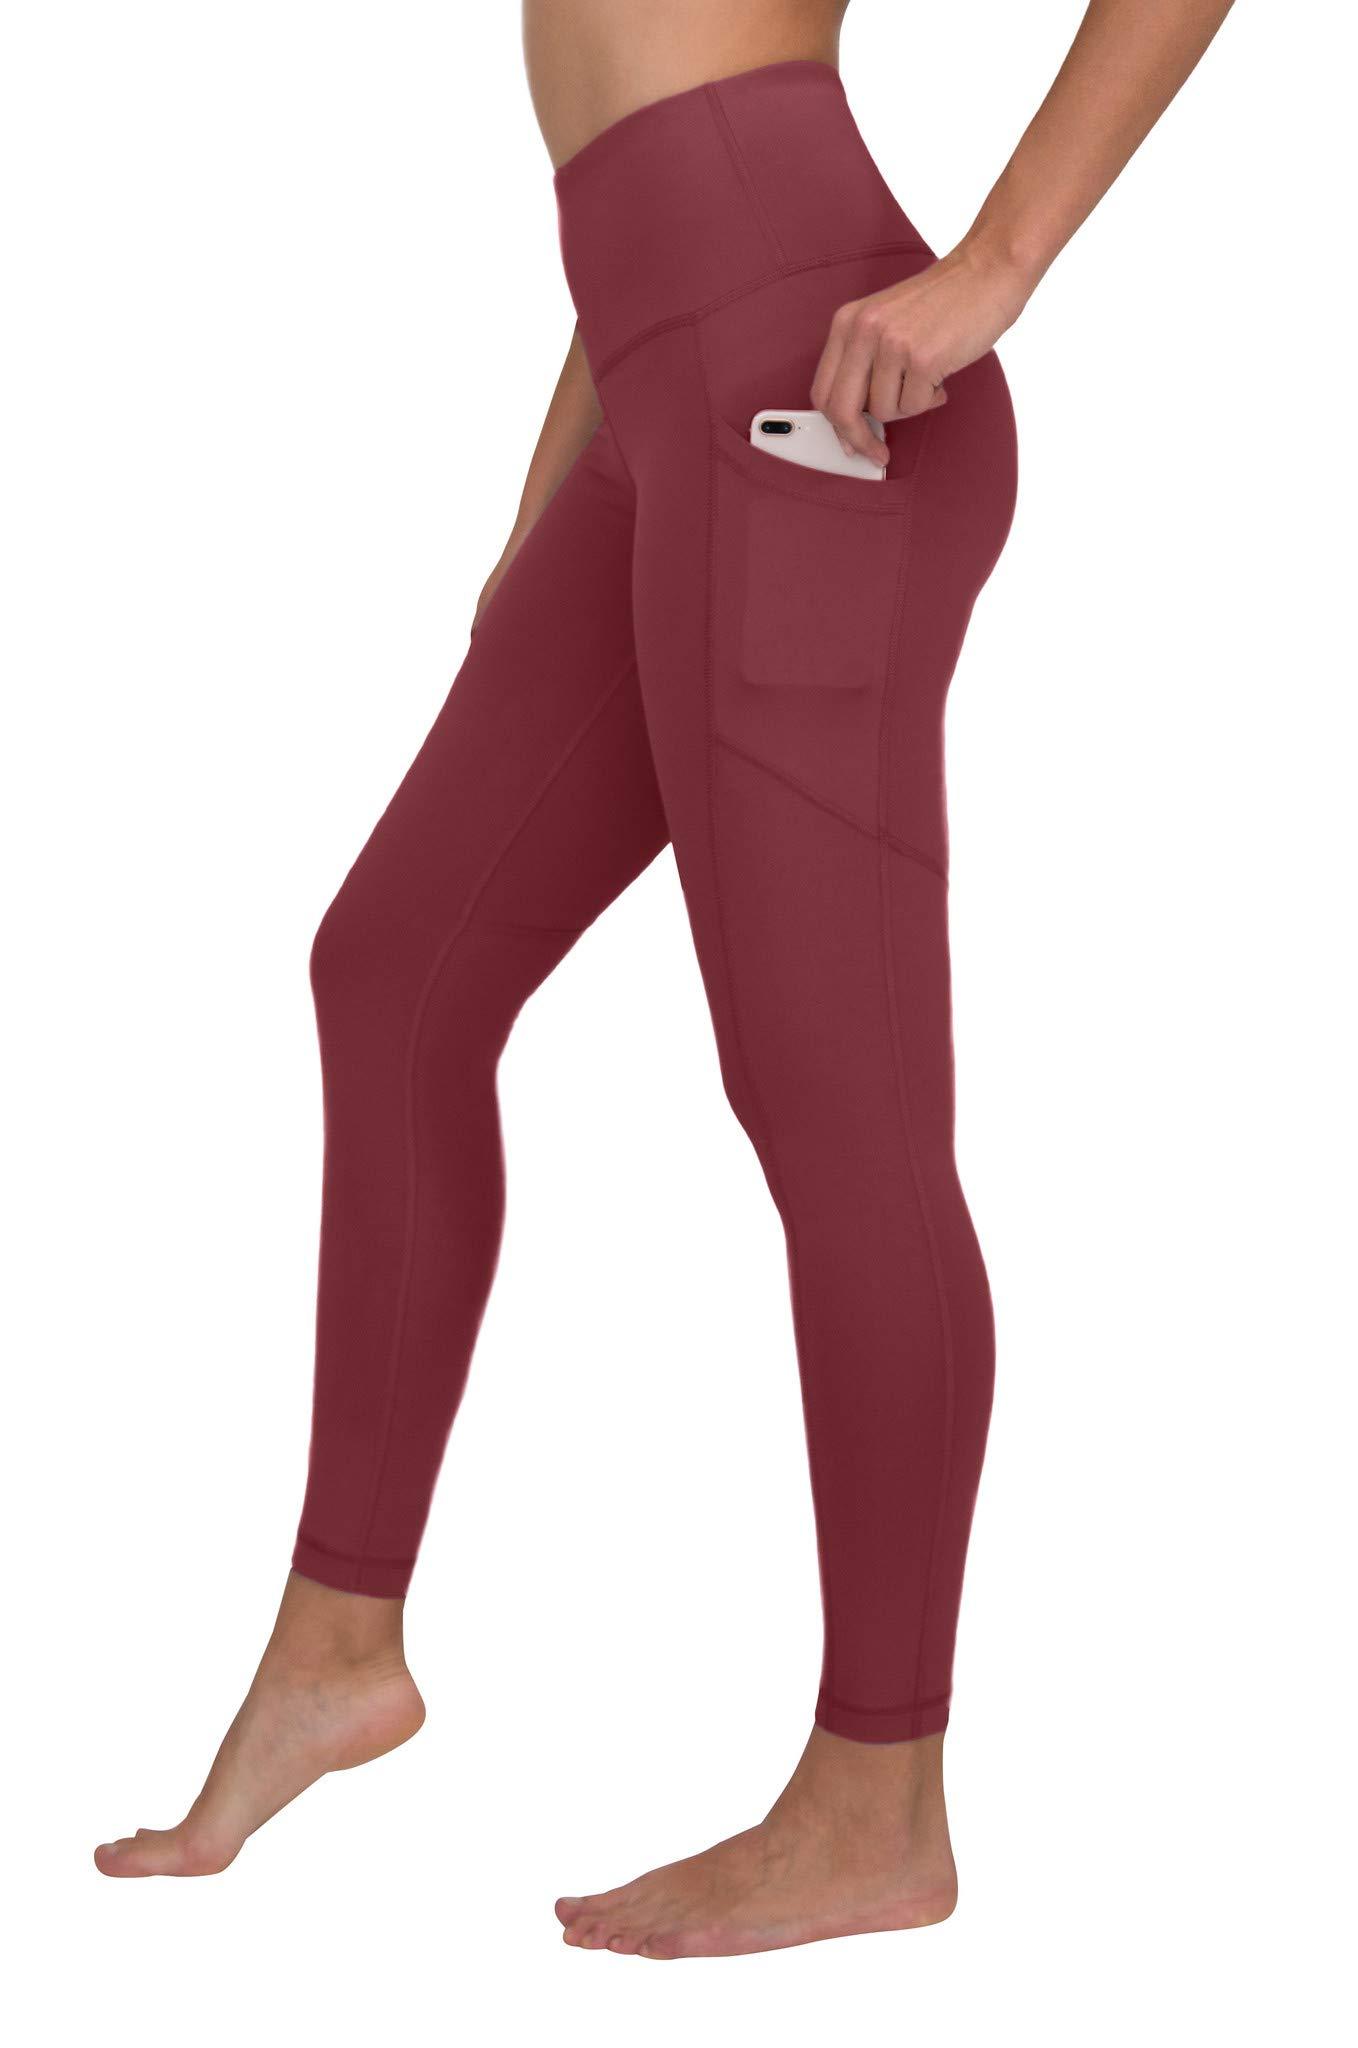 90 Degree By Reflex Women's Power Flex Yoga Pants - Rouge Blush - XS by 90 Degree By Reflex